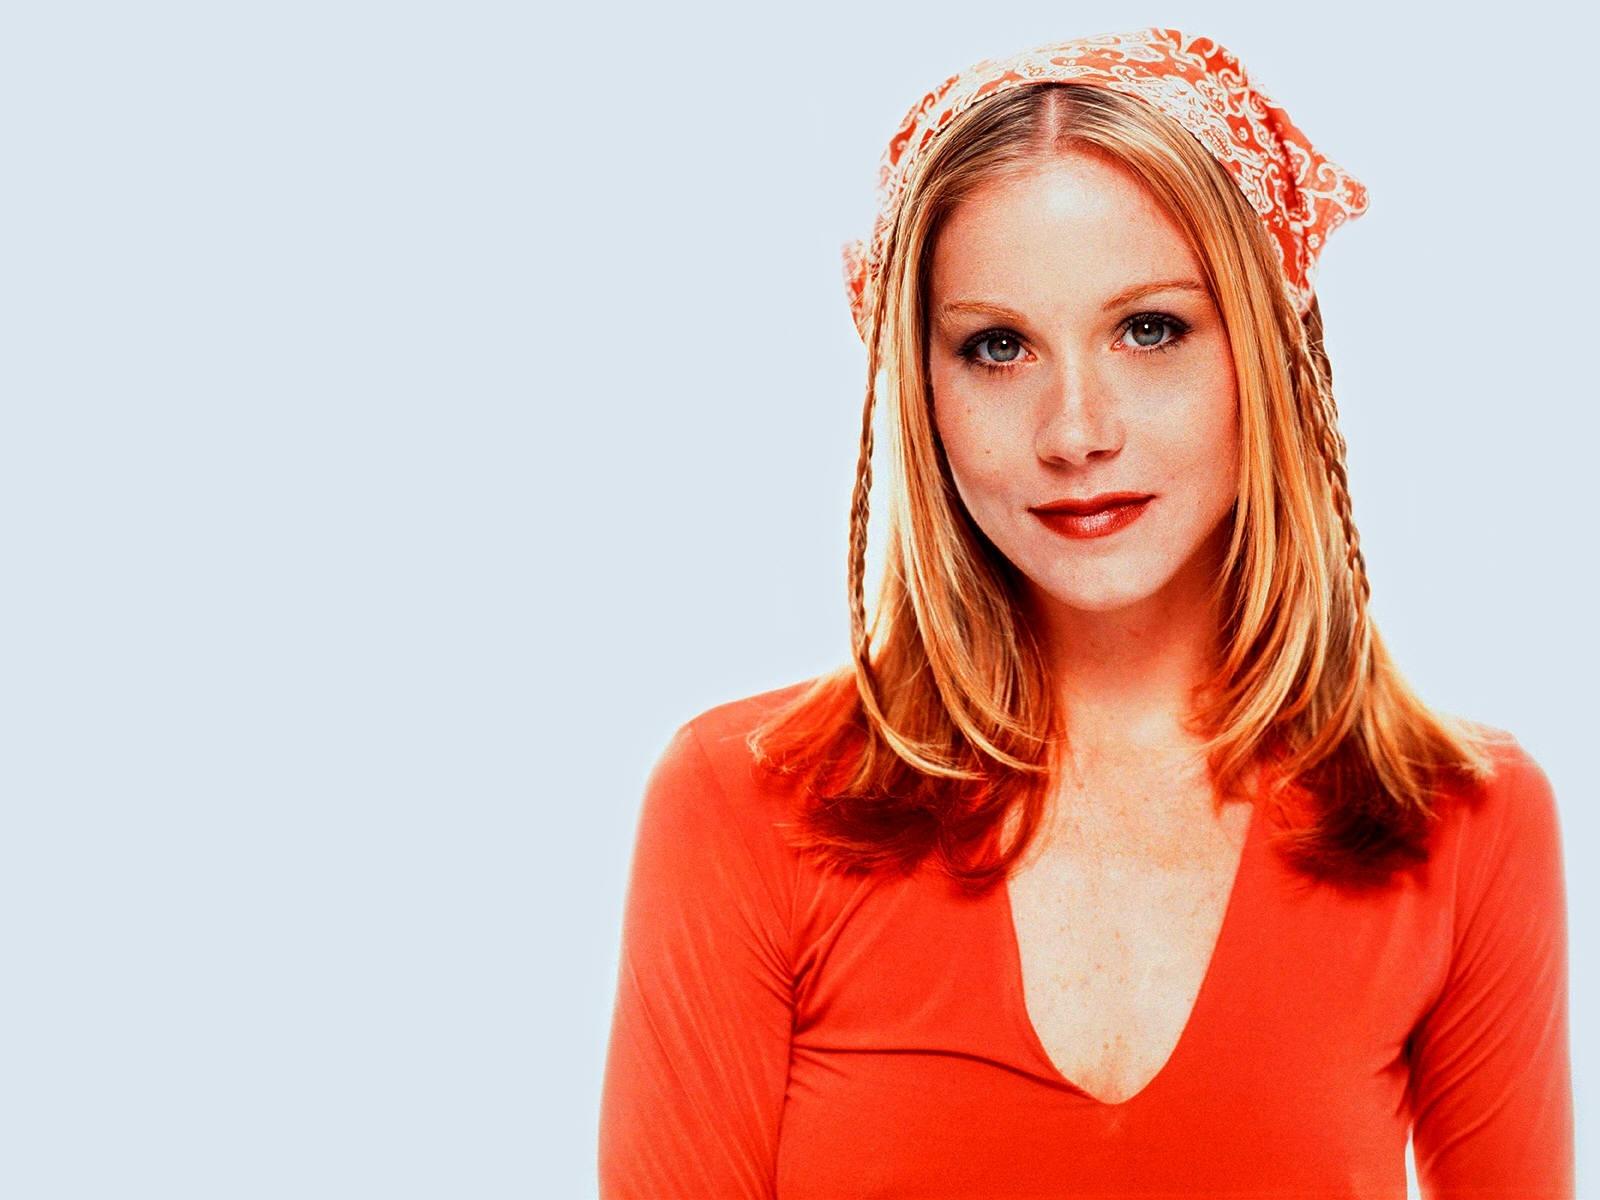 Wallpaper: Christina Applegate in abito rosso